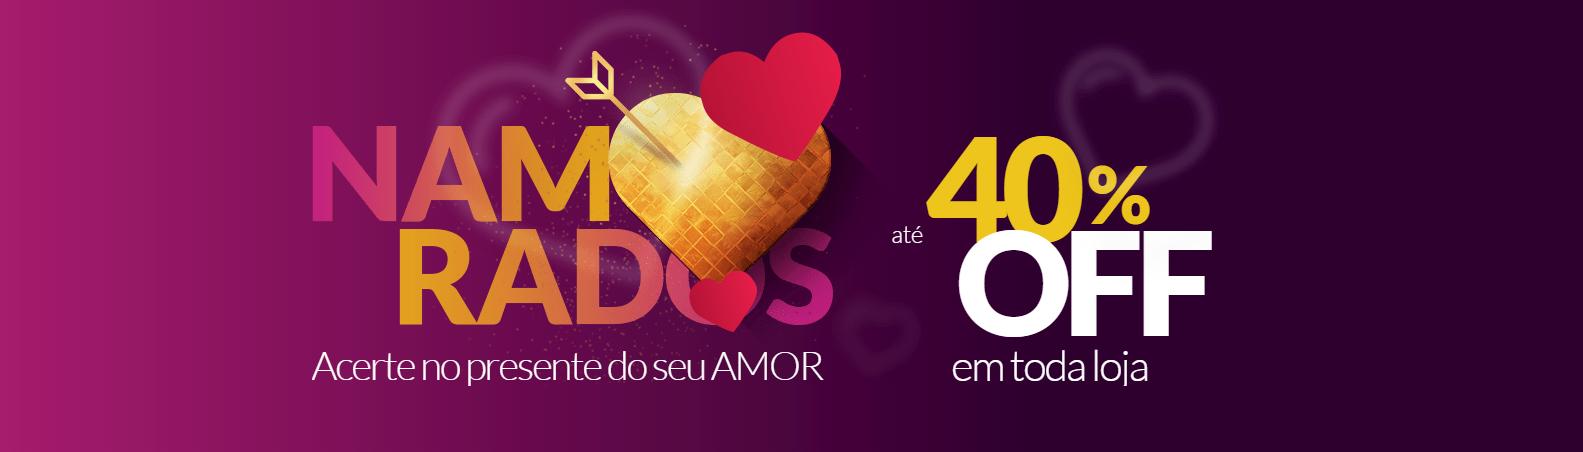 Promoção Dia dos Namorados